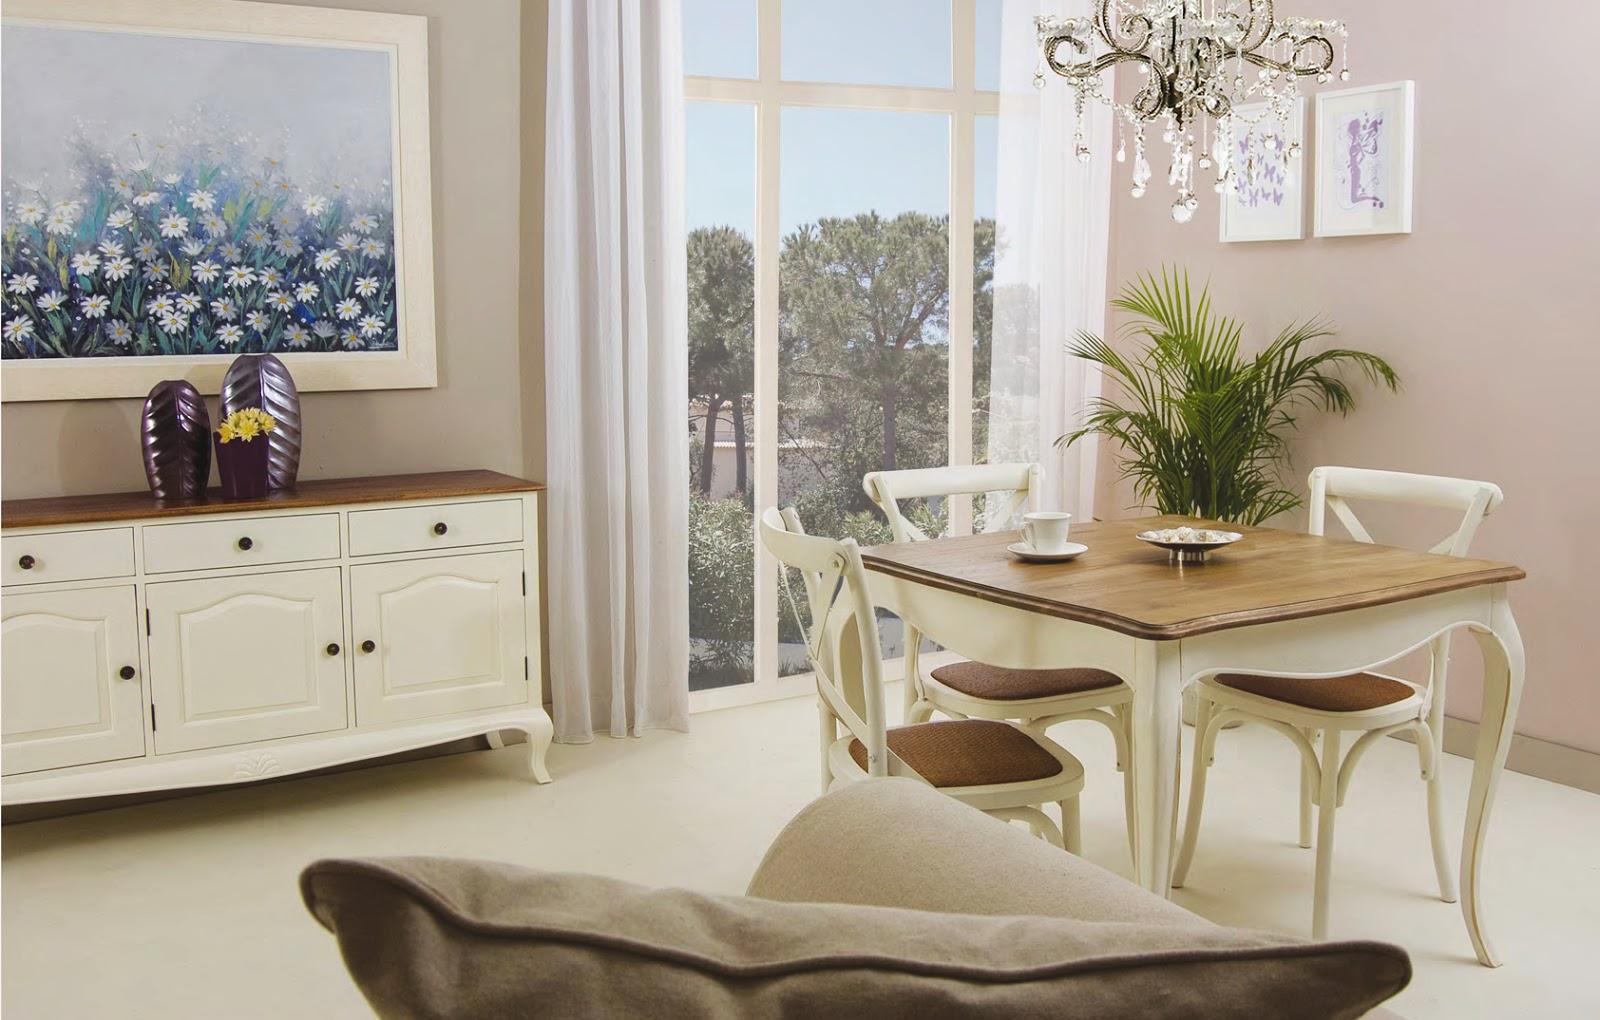 Muebles Blancos Vintage Dormitorio Completo De Matrimonio Clasico  # Muebles Victorianos Baratos